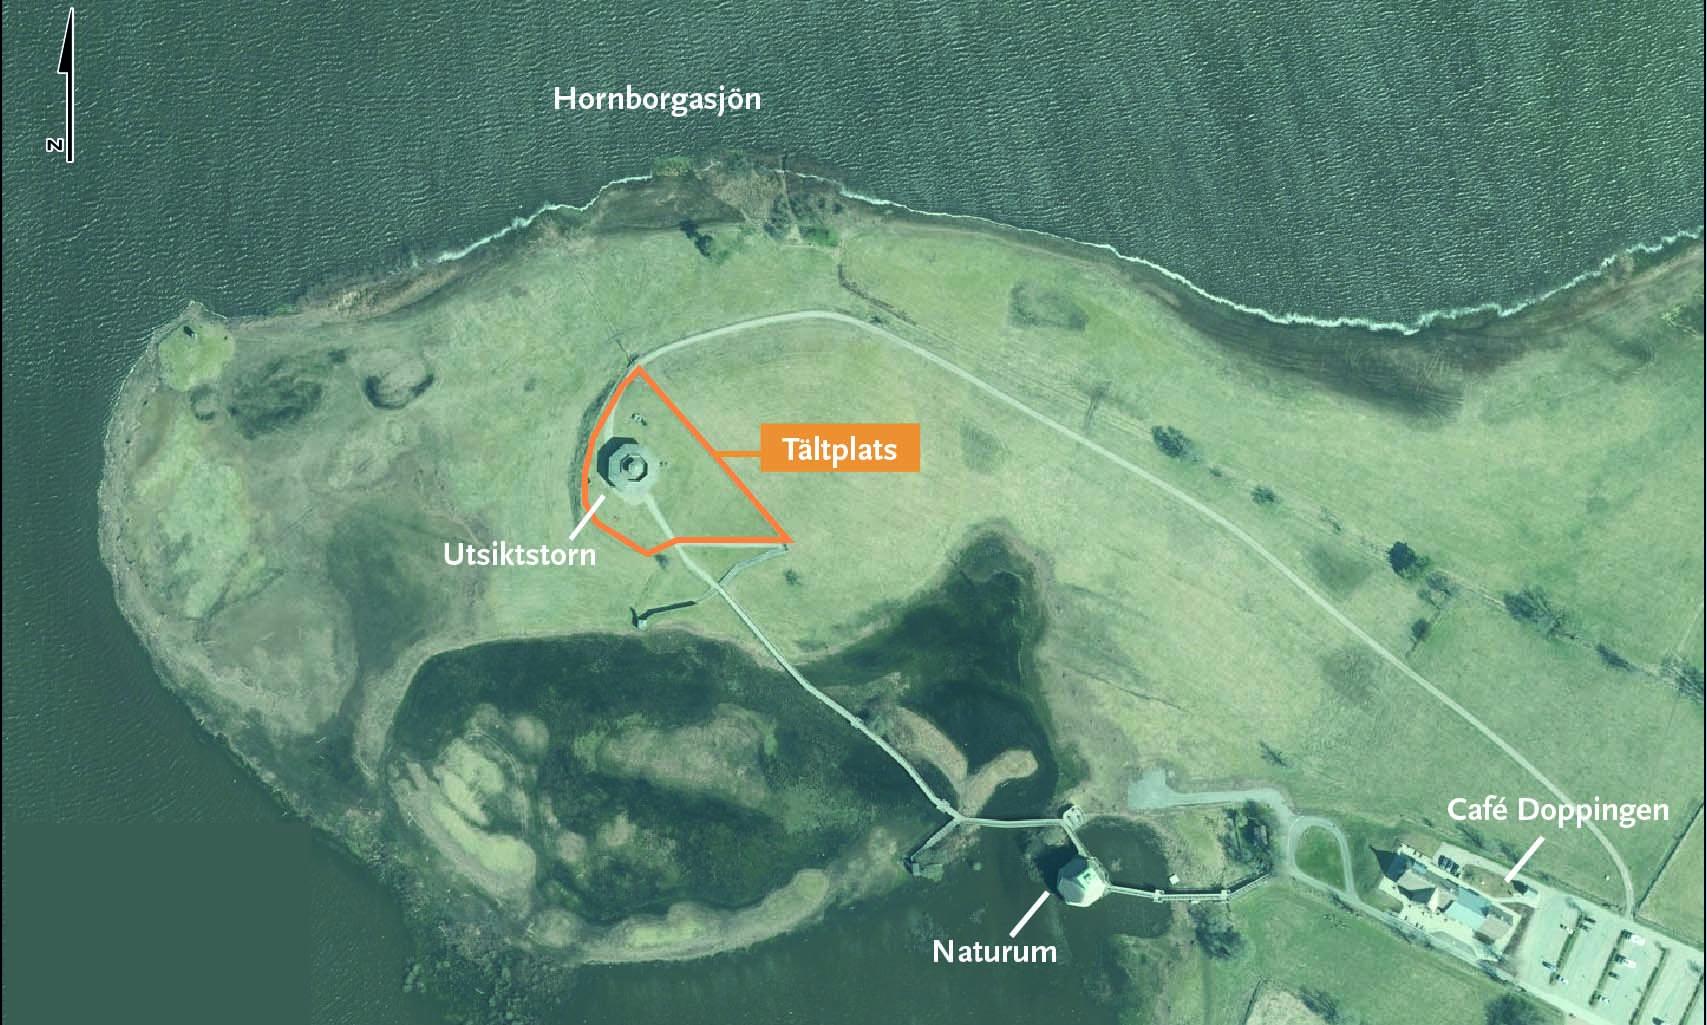 Karta över tältplatsen vid Fågeludden på östra sidan av Hornborgasjön. Karta.